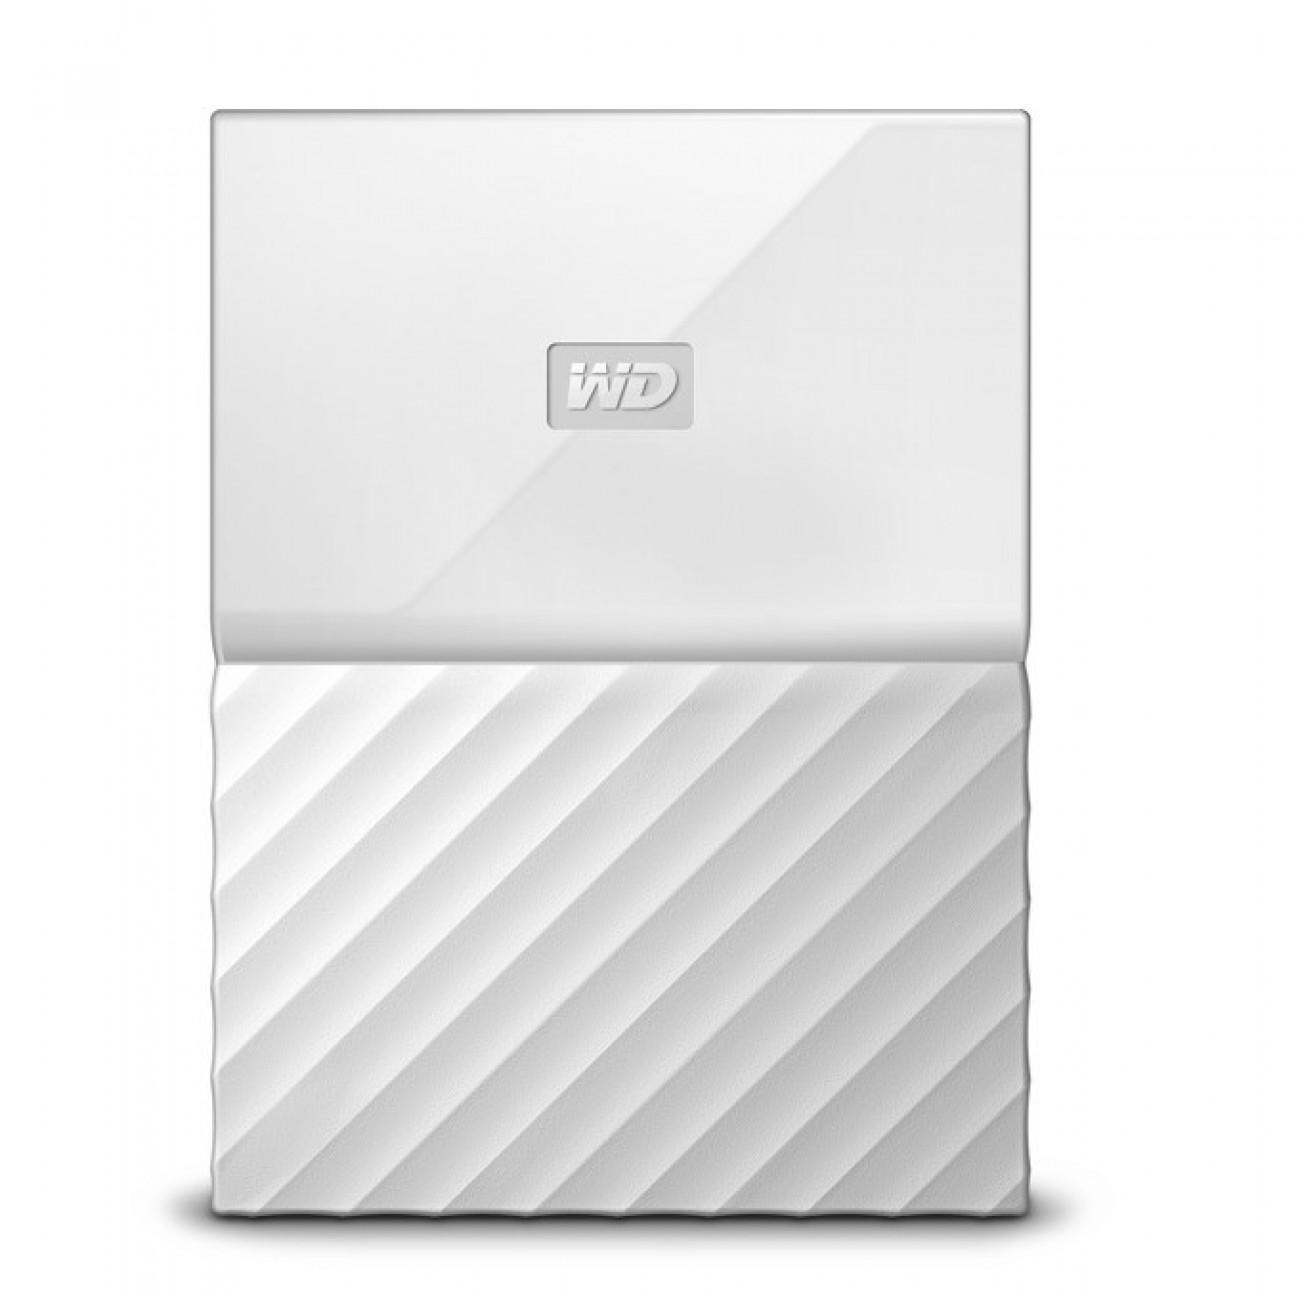 1TB Western Digital MyPassport, външен, 2.5(6.35cm), USB 3.0, бял в Твърди дискове Външни -  | Alleop